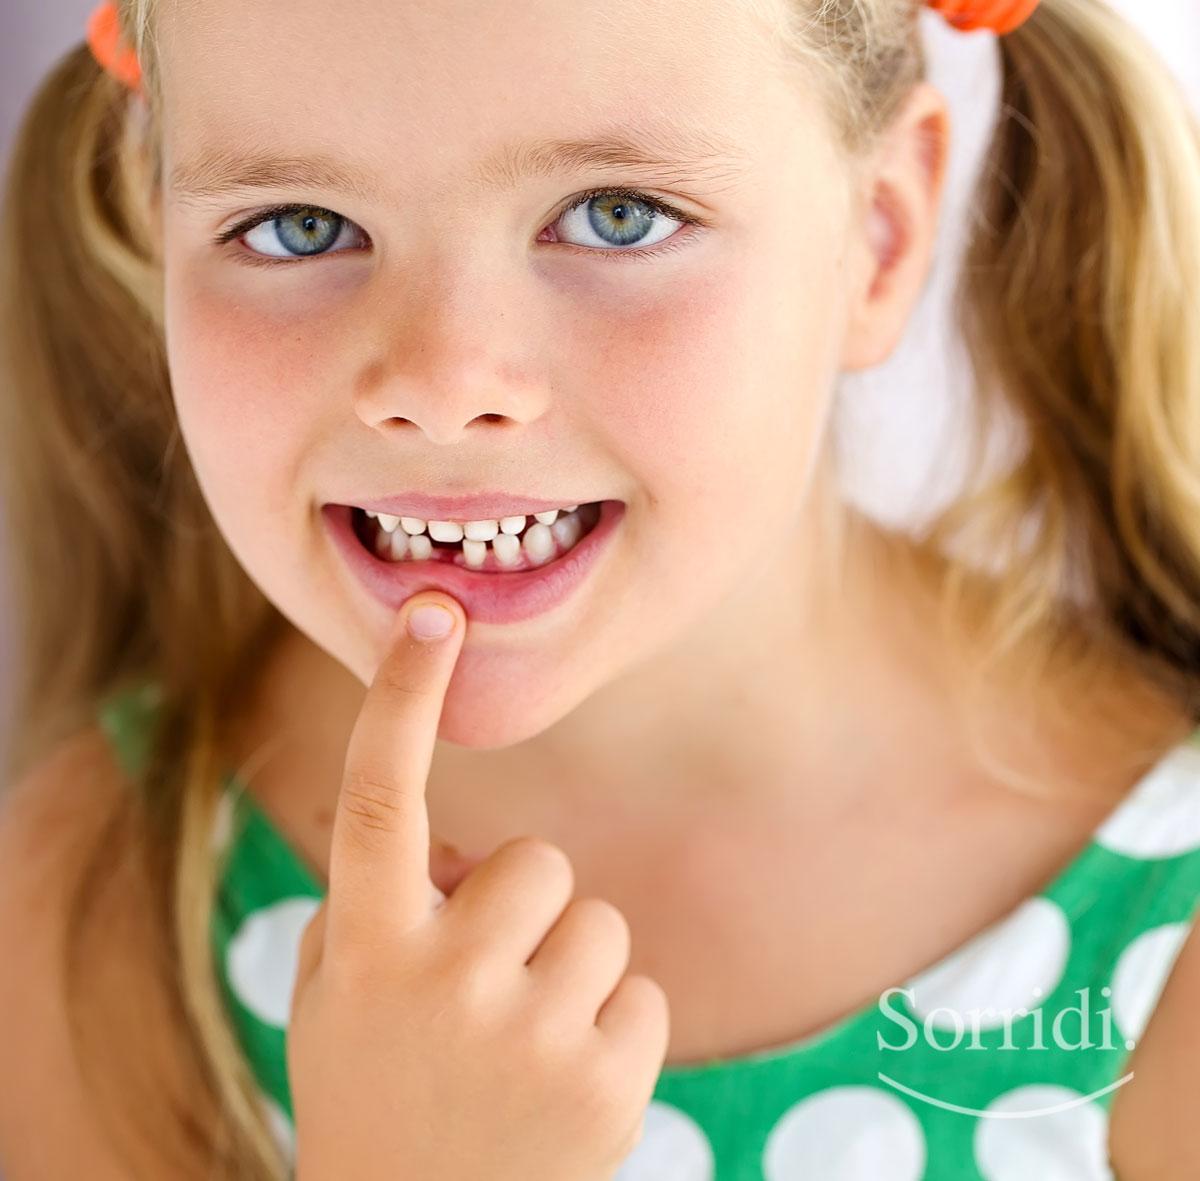 Sorridi-ch-magazine-cosa-fare-se-un-dente-da-latte-non-cade